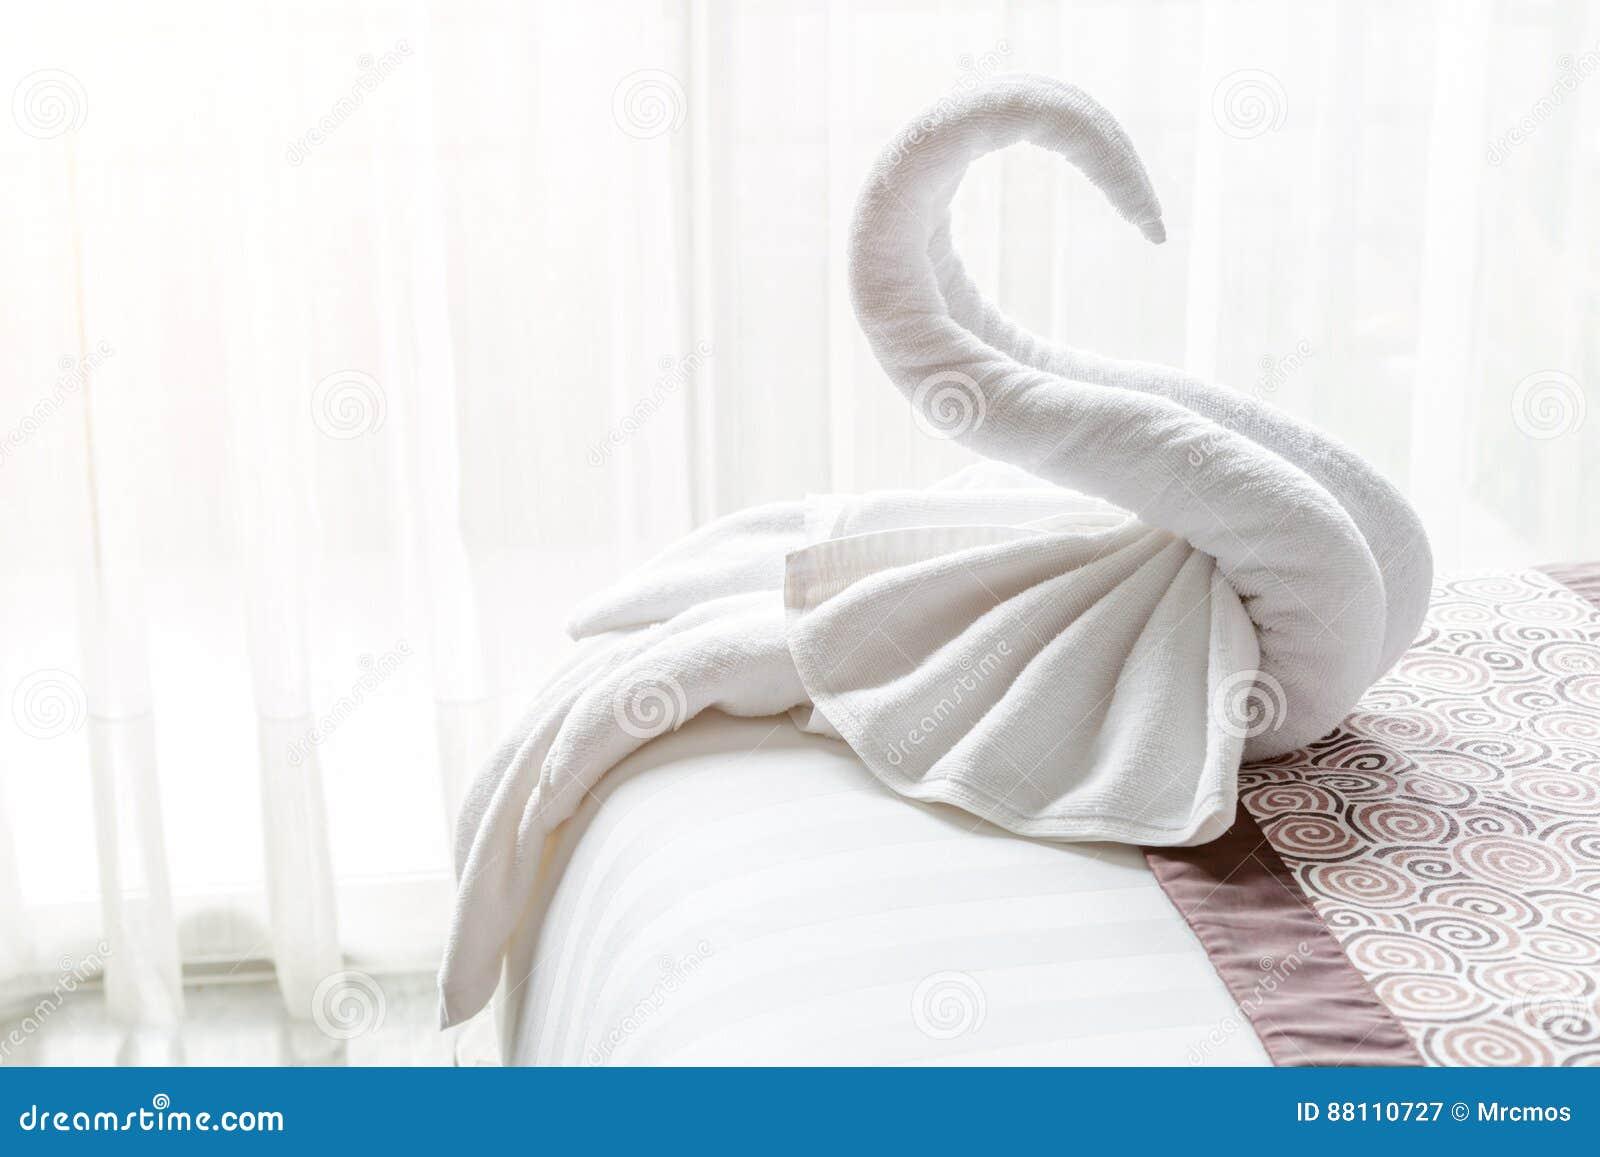 Angolo Del Letto : Il bello cigno dallasciugamano di bagno bianco decora sullangolo